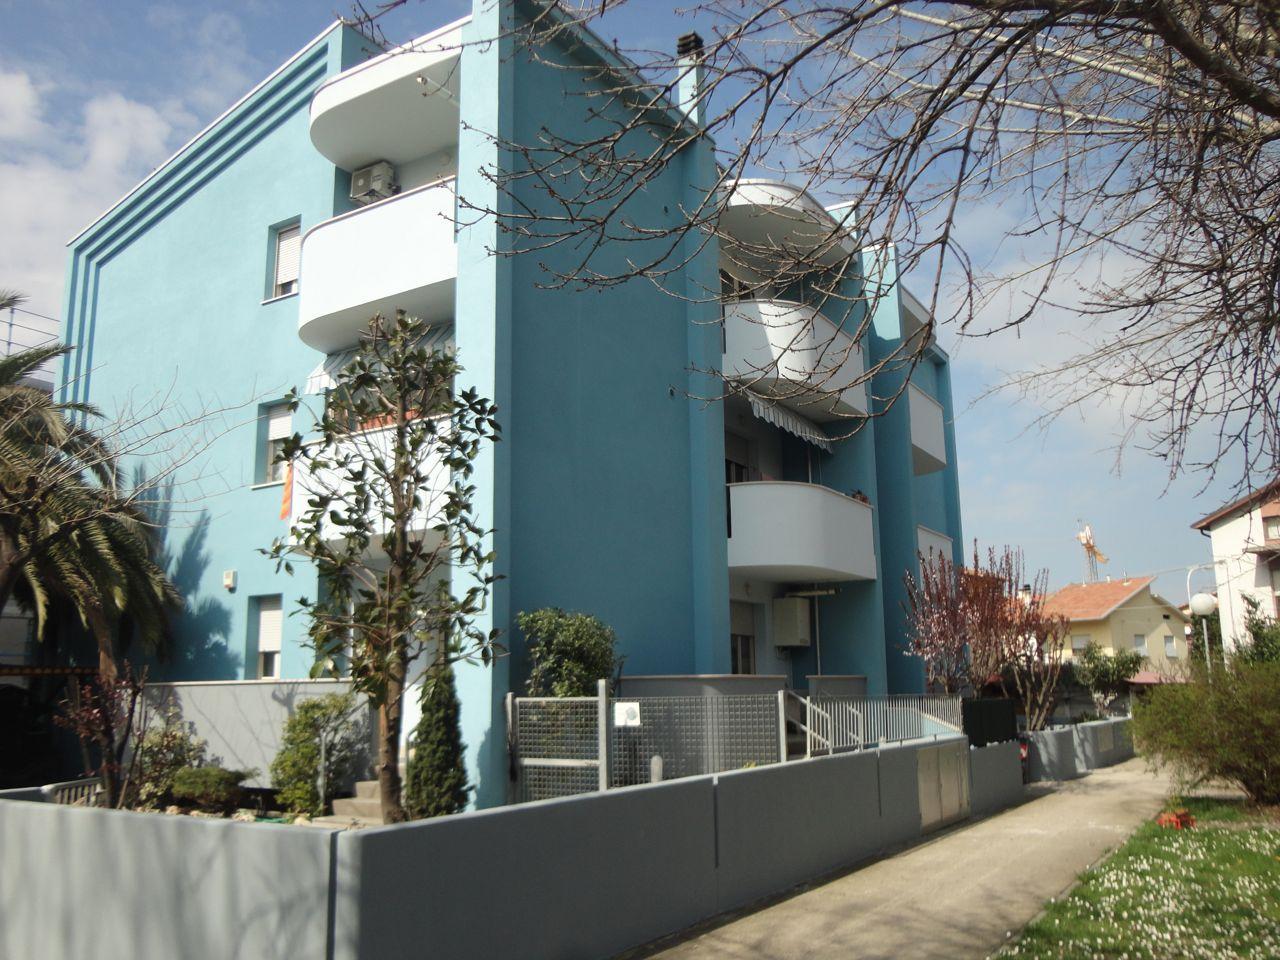 Edificio residenziale circondato da giardino privato dipinto di blu e bianco